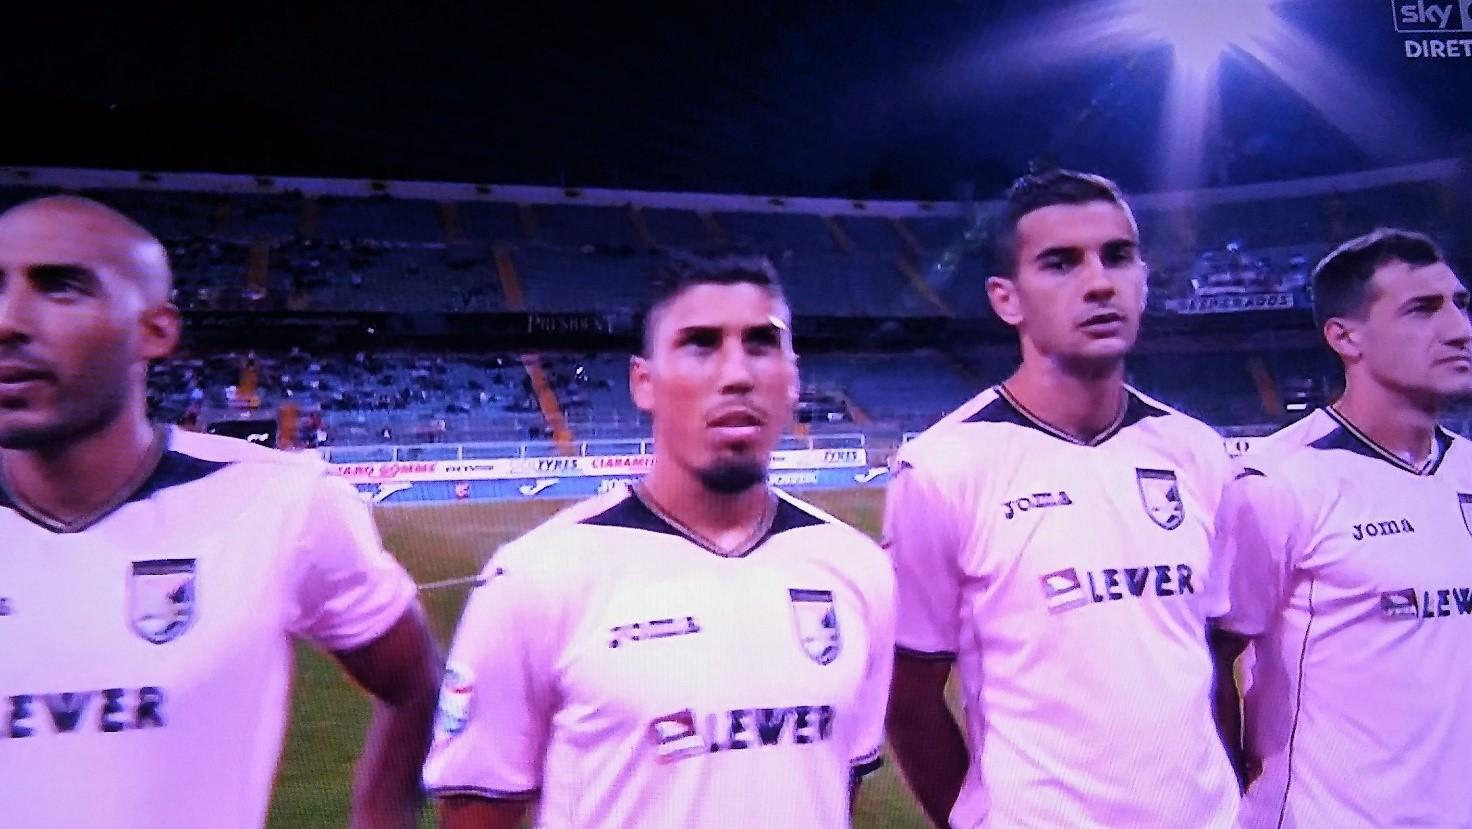 Si è chiuso ieri sera il campionato del Palermo: da oggi si deve operare per la rinascita!